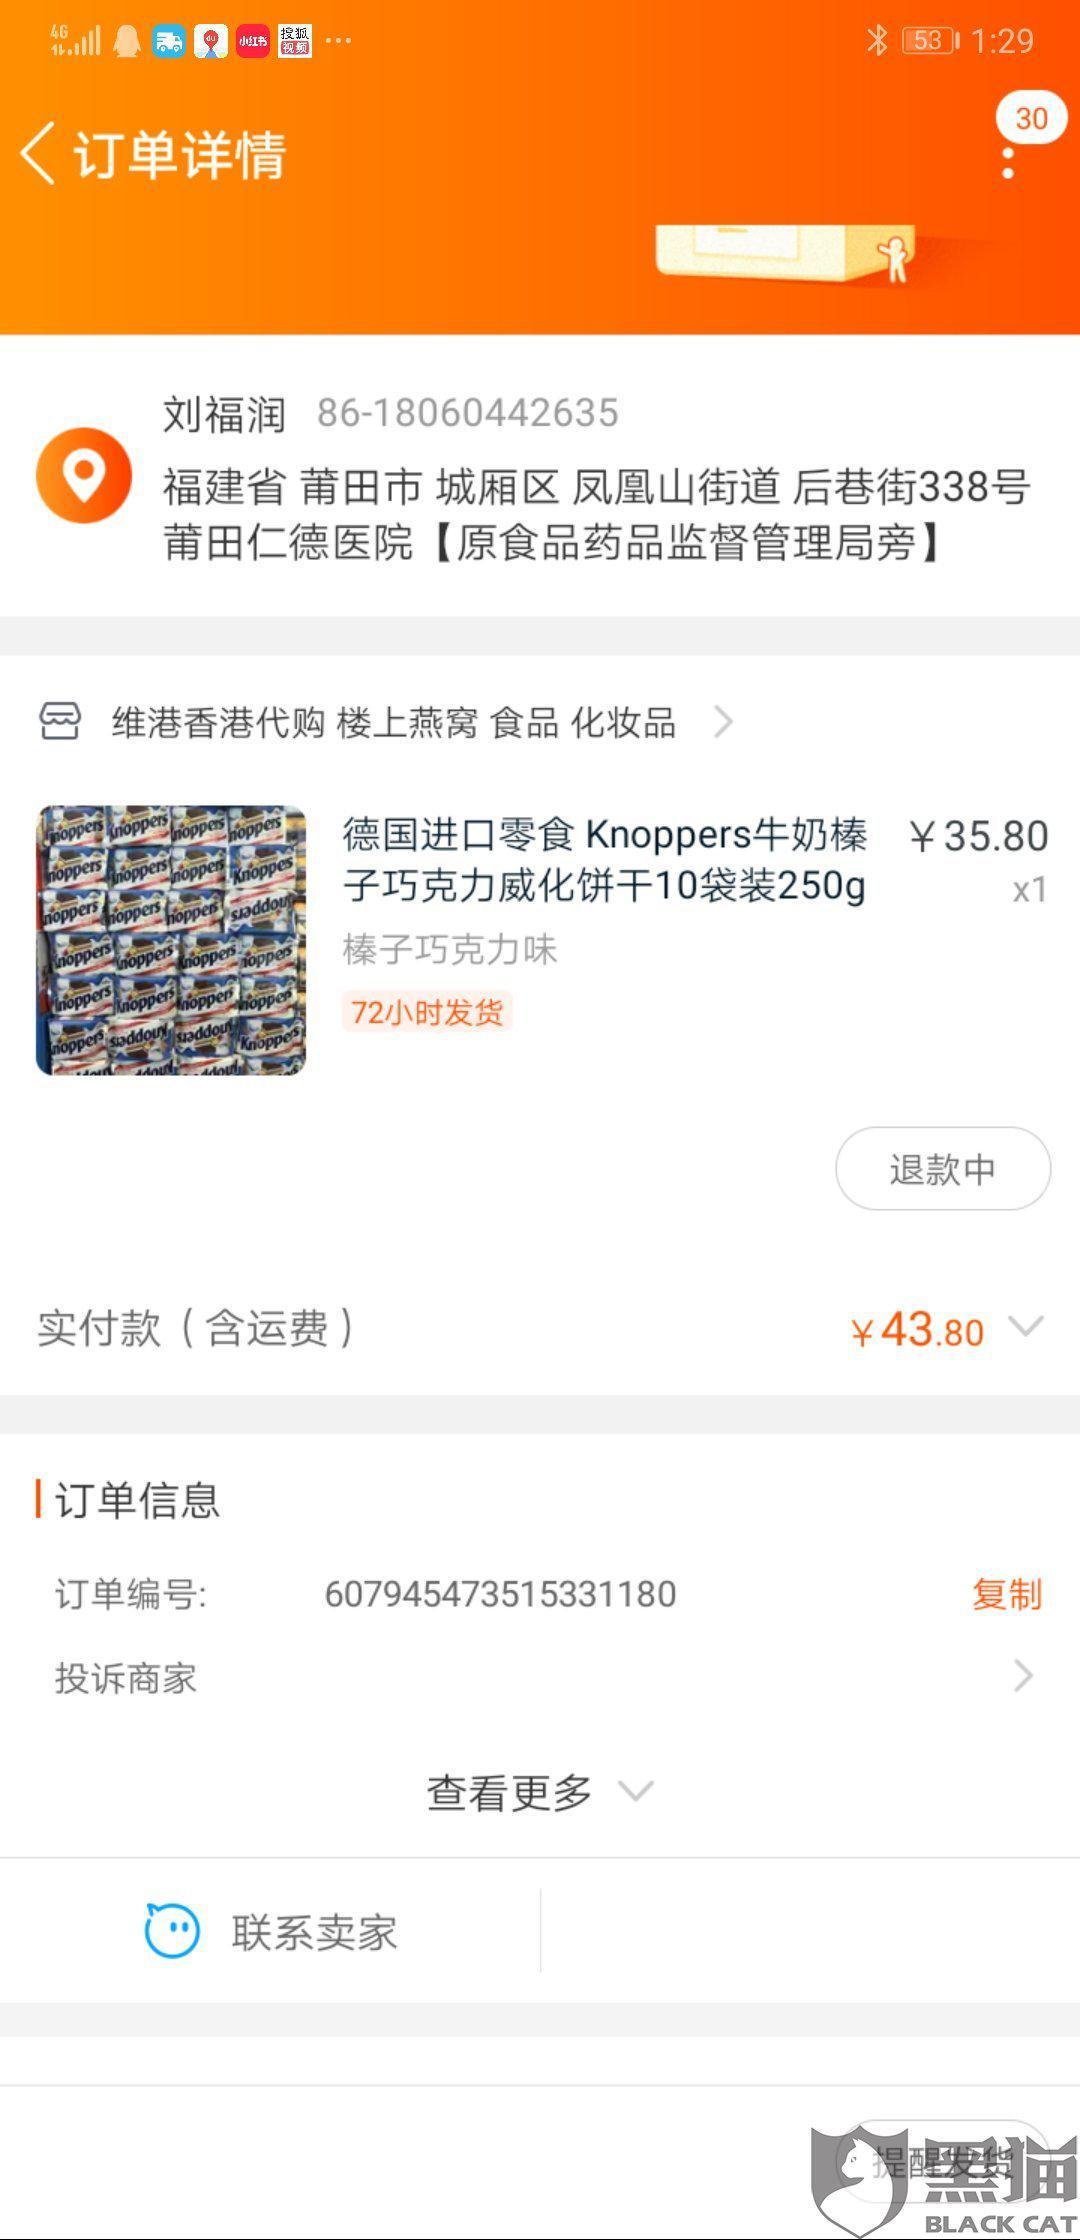 黑猫投诉:维港香港代购 楼上燕窝食品化妆品